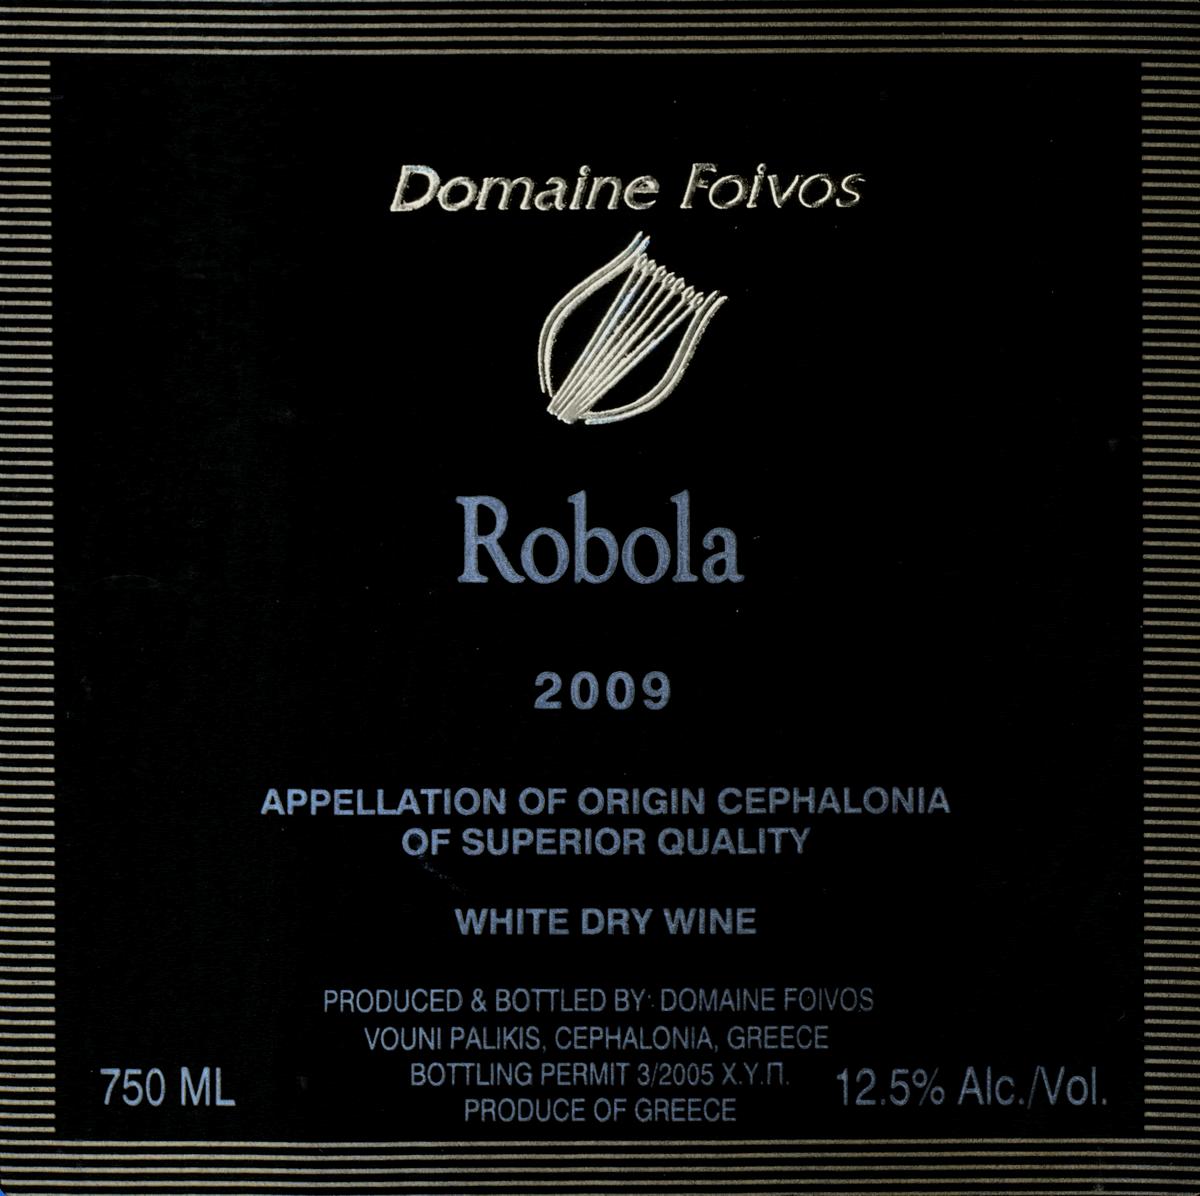 Domaine Foivos Robola 2009